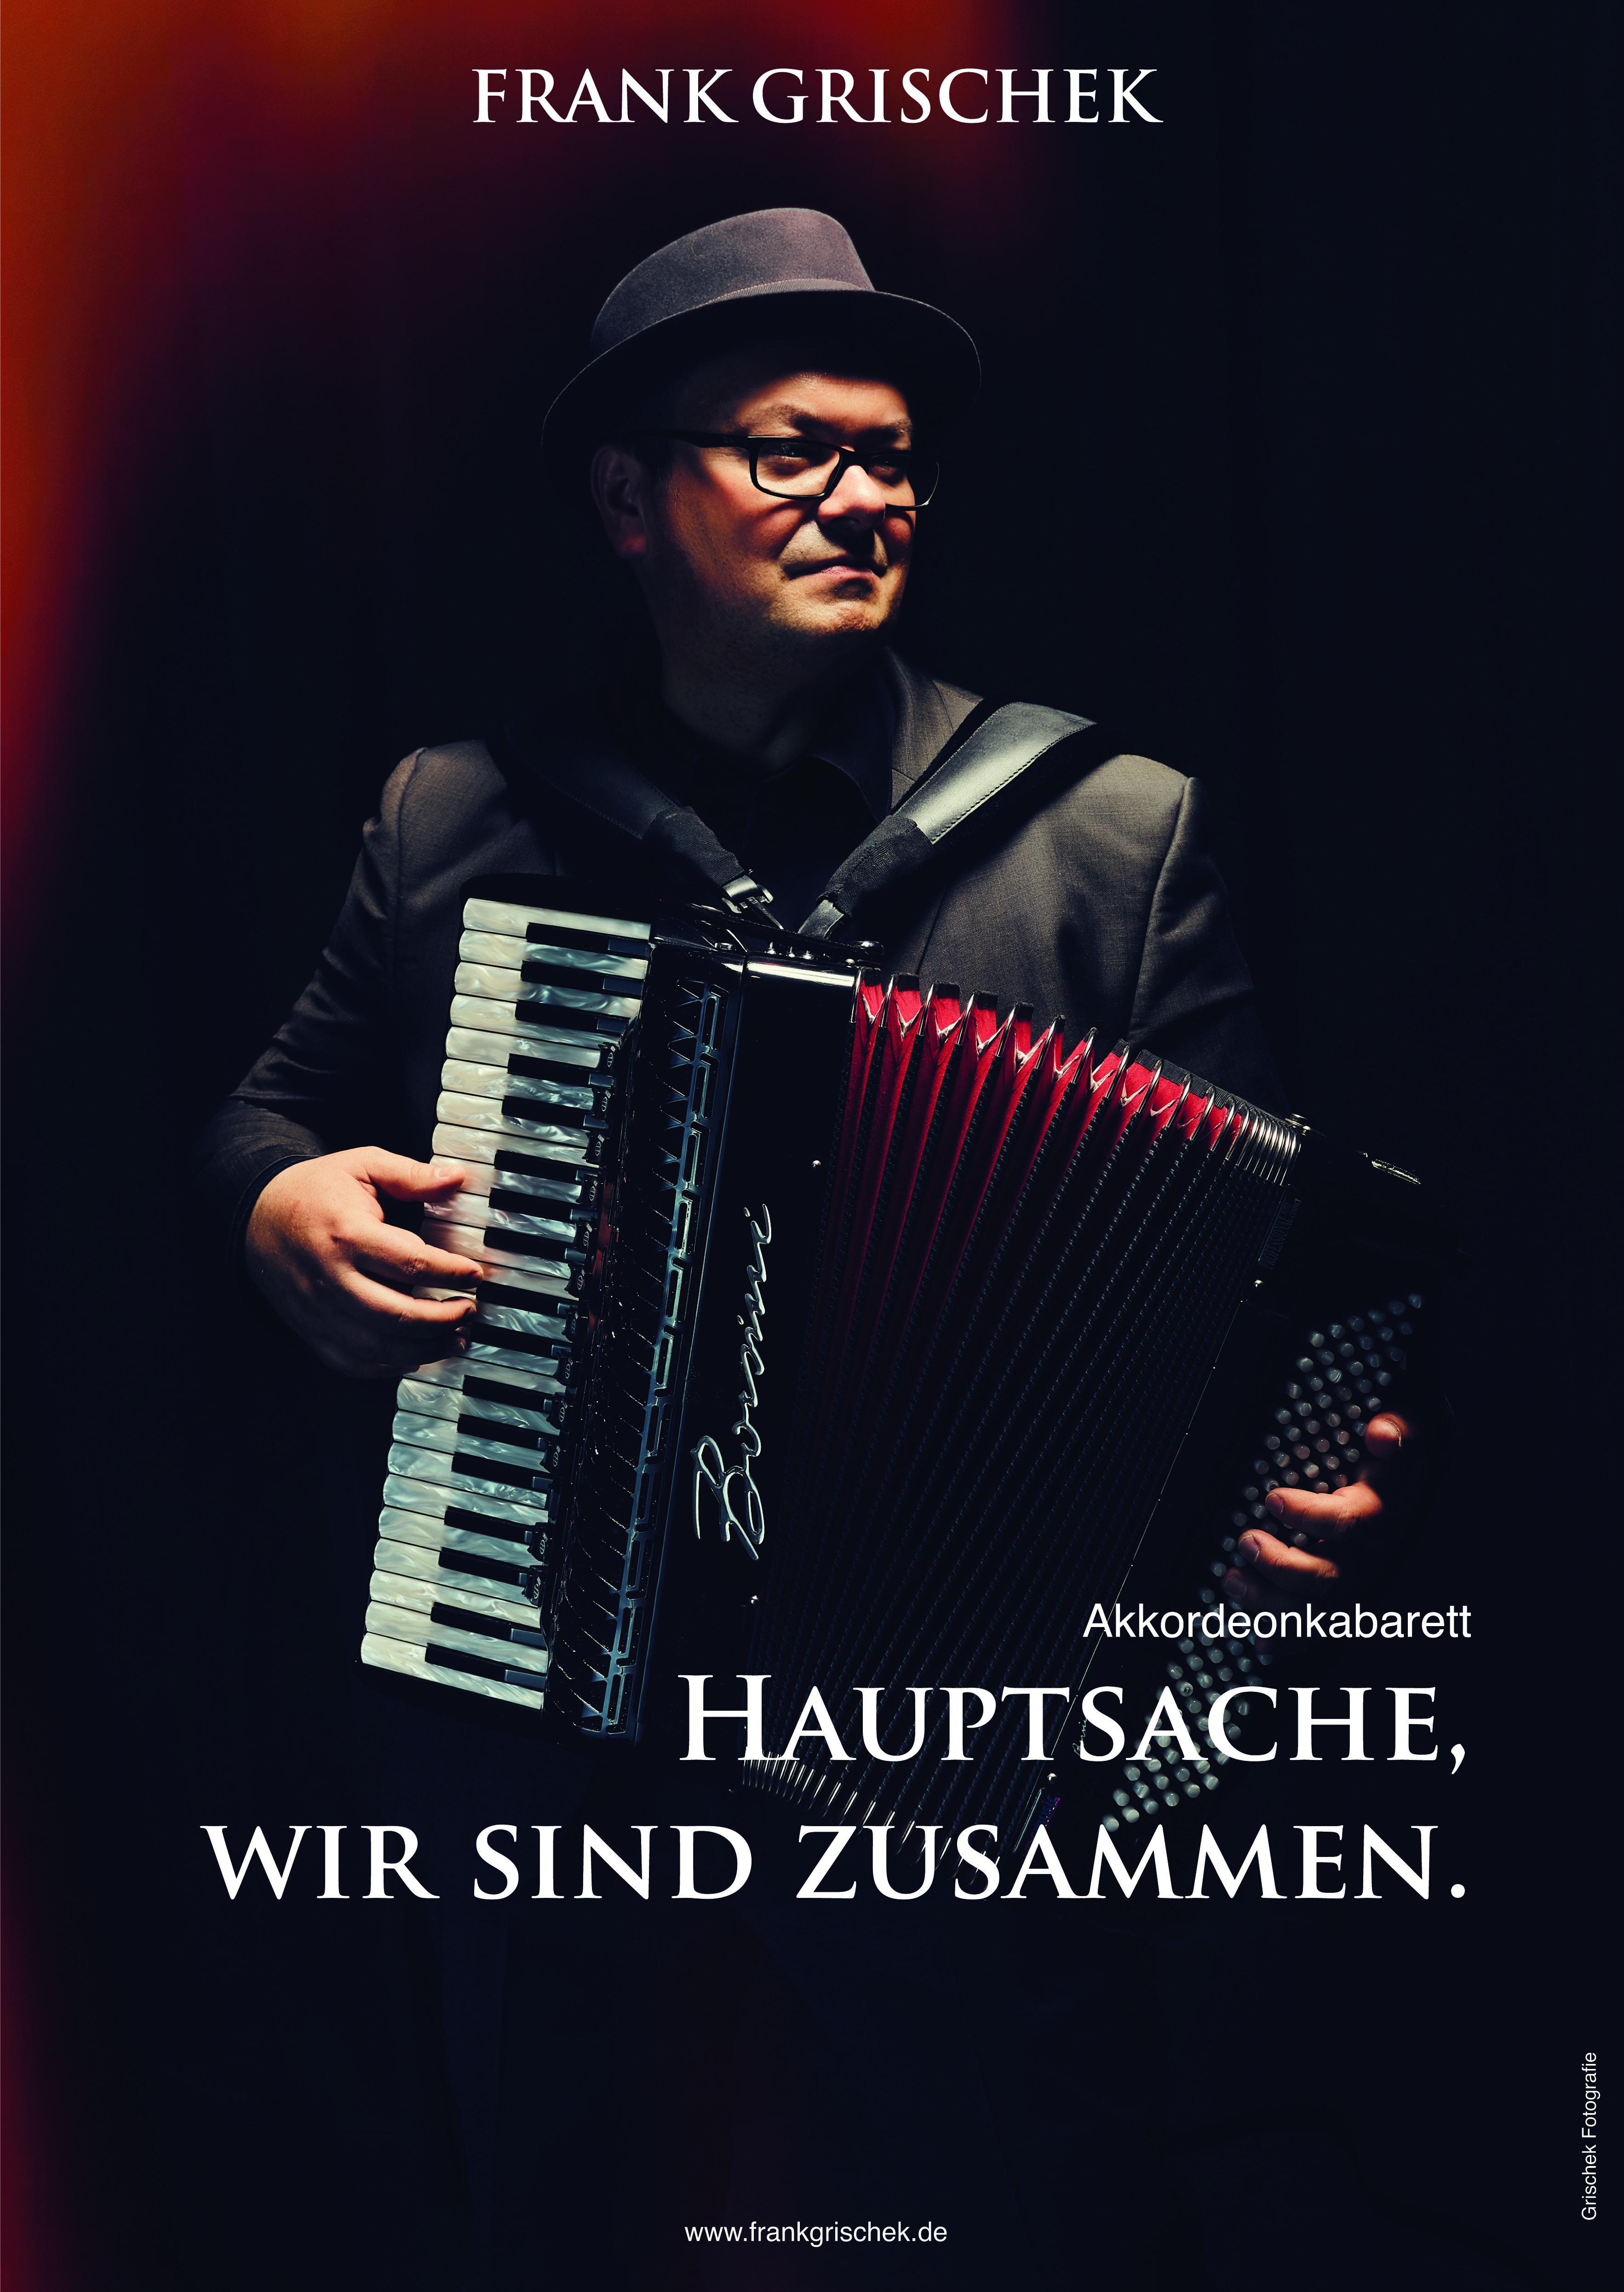 Man wusste zuletzt nicht, was schöner war, Wortwitz oder Musik? Künstler oder Instrument? Eigentlich kann man es auch gar nicht beschreiben. Man muss es erlebt haben. (Karin Ott, InFranken.de)